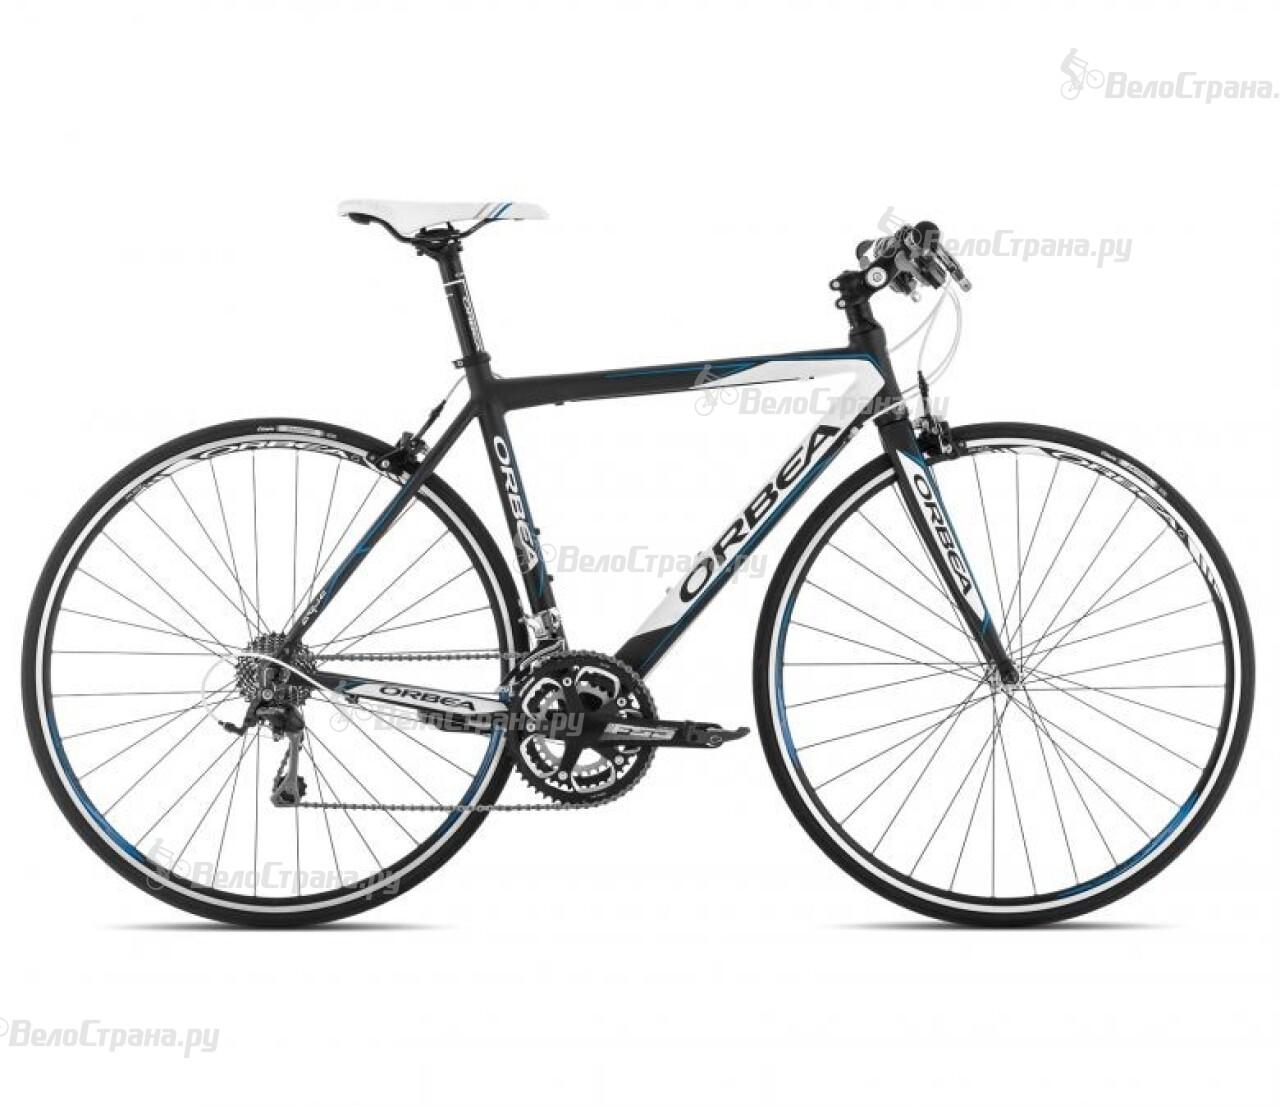 Велосипед Orbea Aqua 10 Flat (2014) велосипед orbea aqua t23 flat 2013